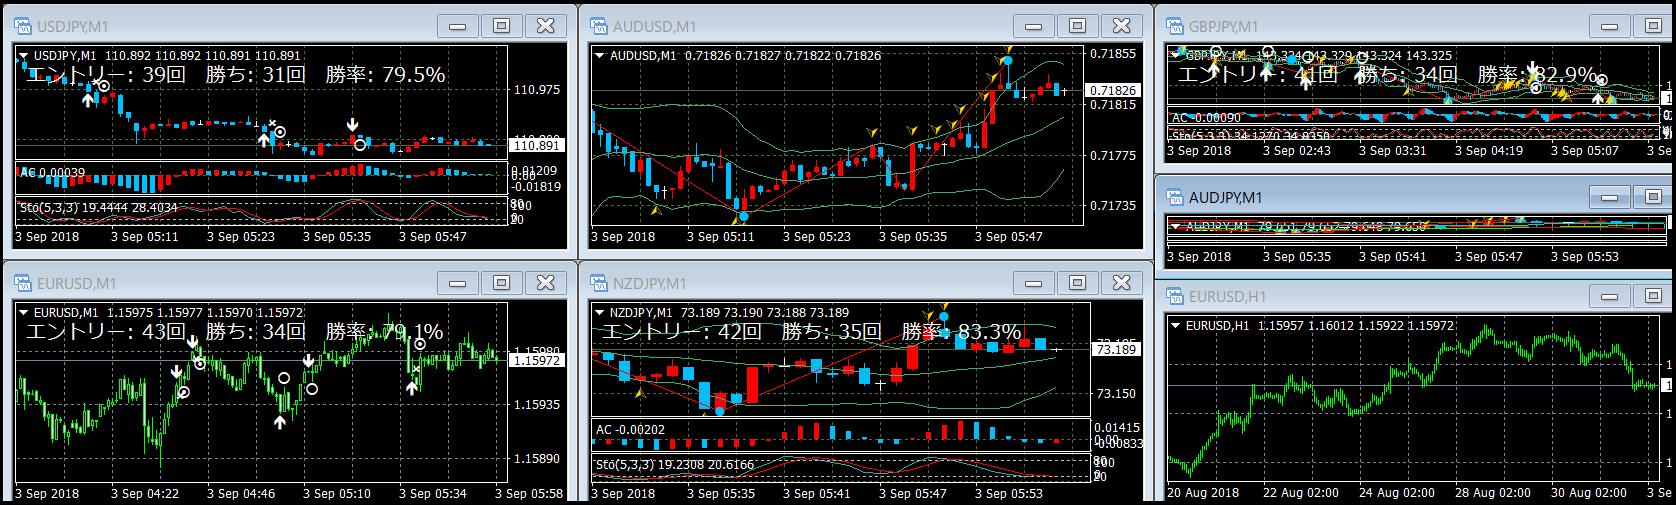 通貨チャートごとにツールを設定していく